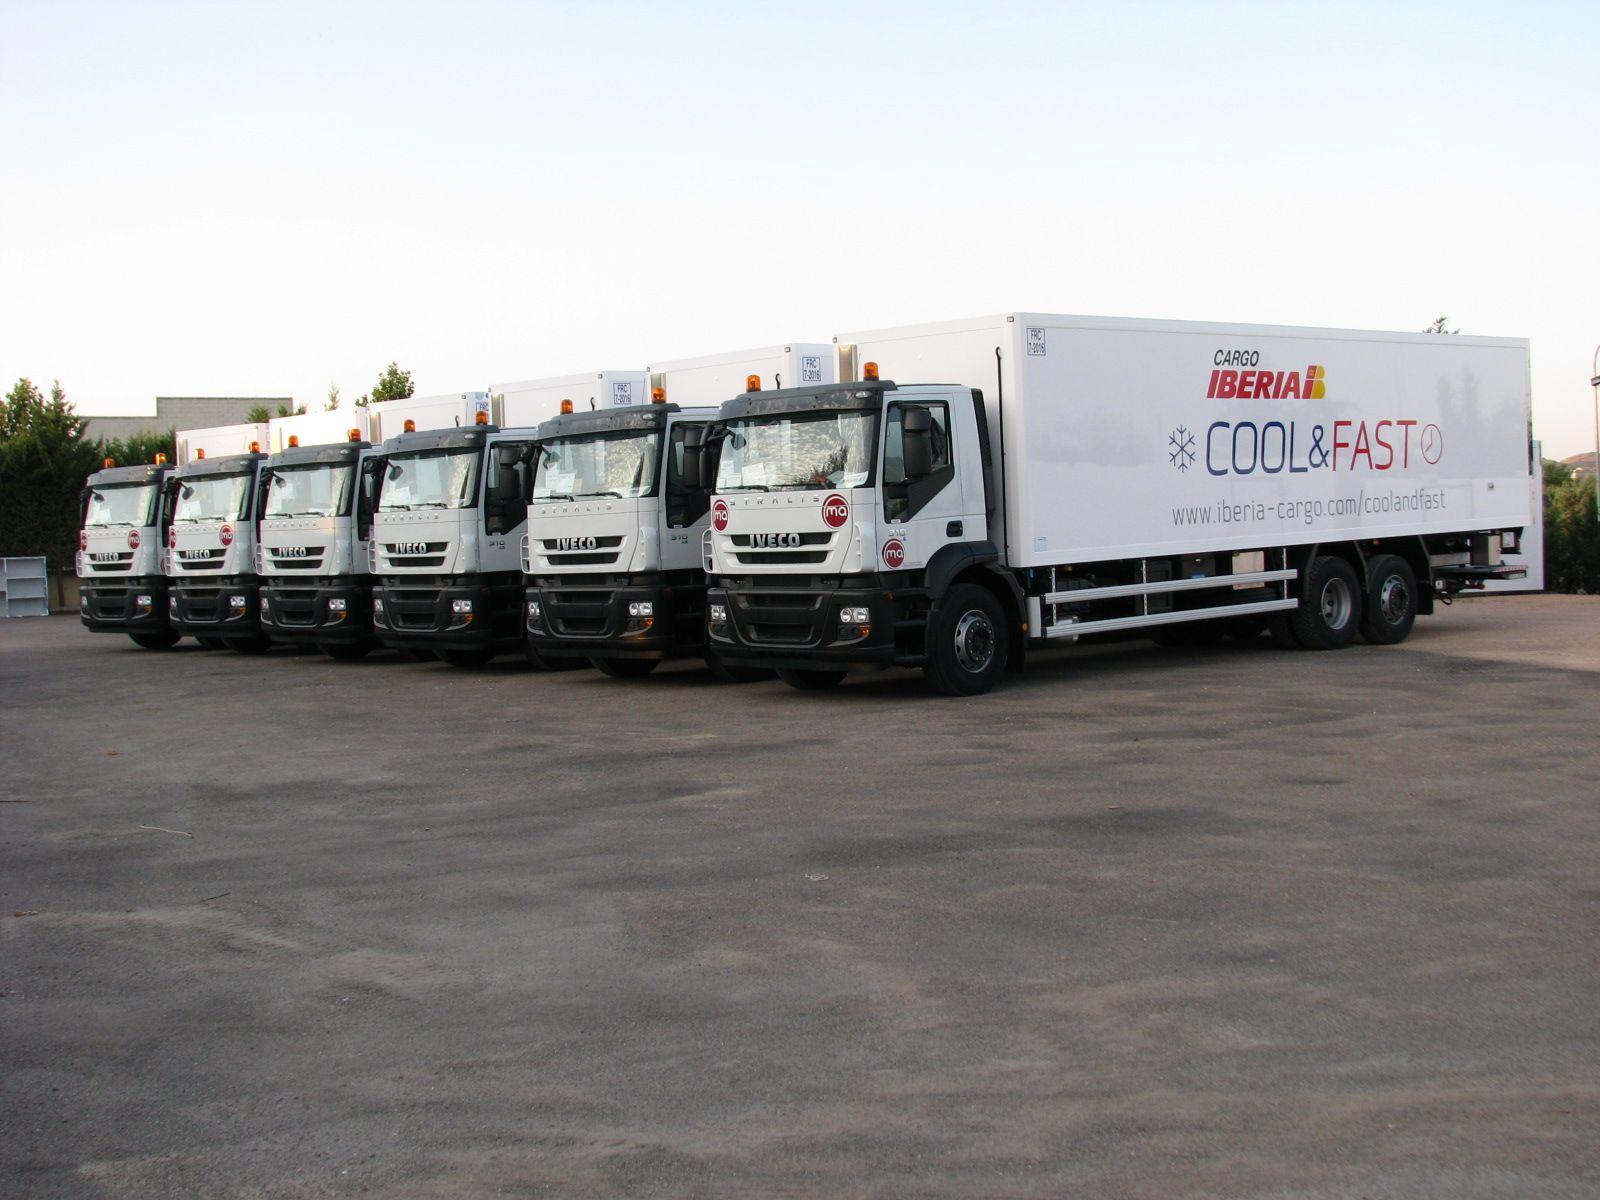 Iberia Cargo Cool & Fast trucks Iberia, Air cargo, Cargo